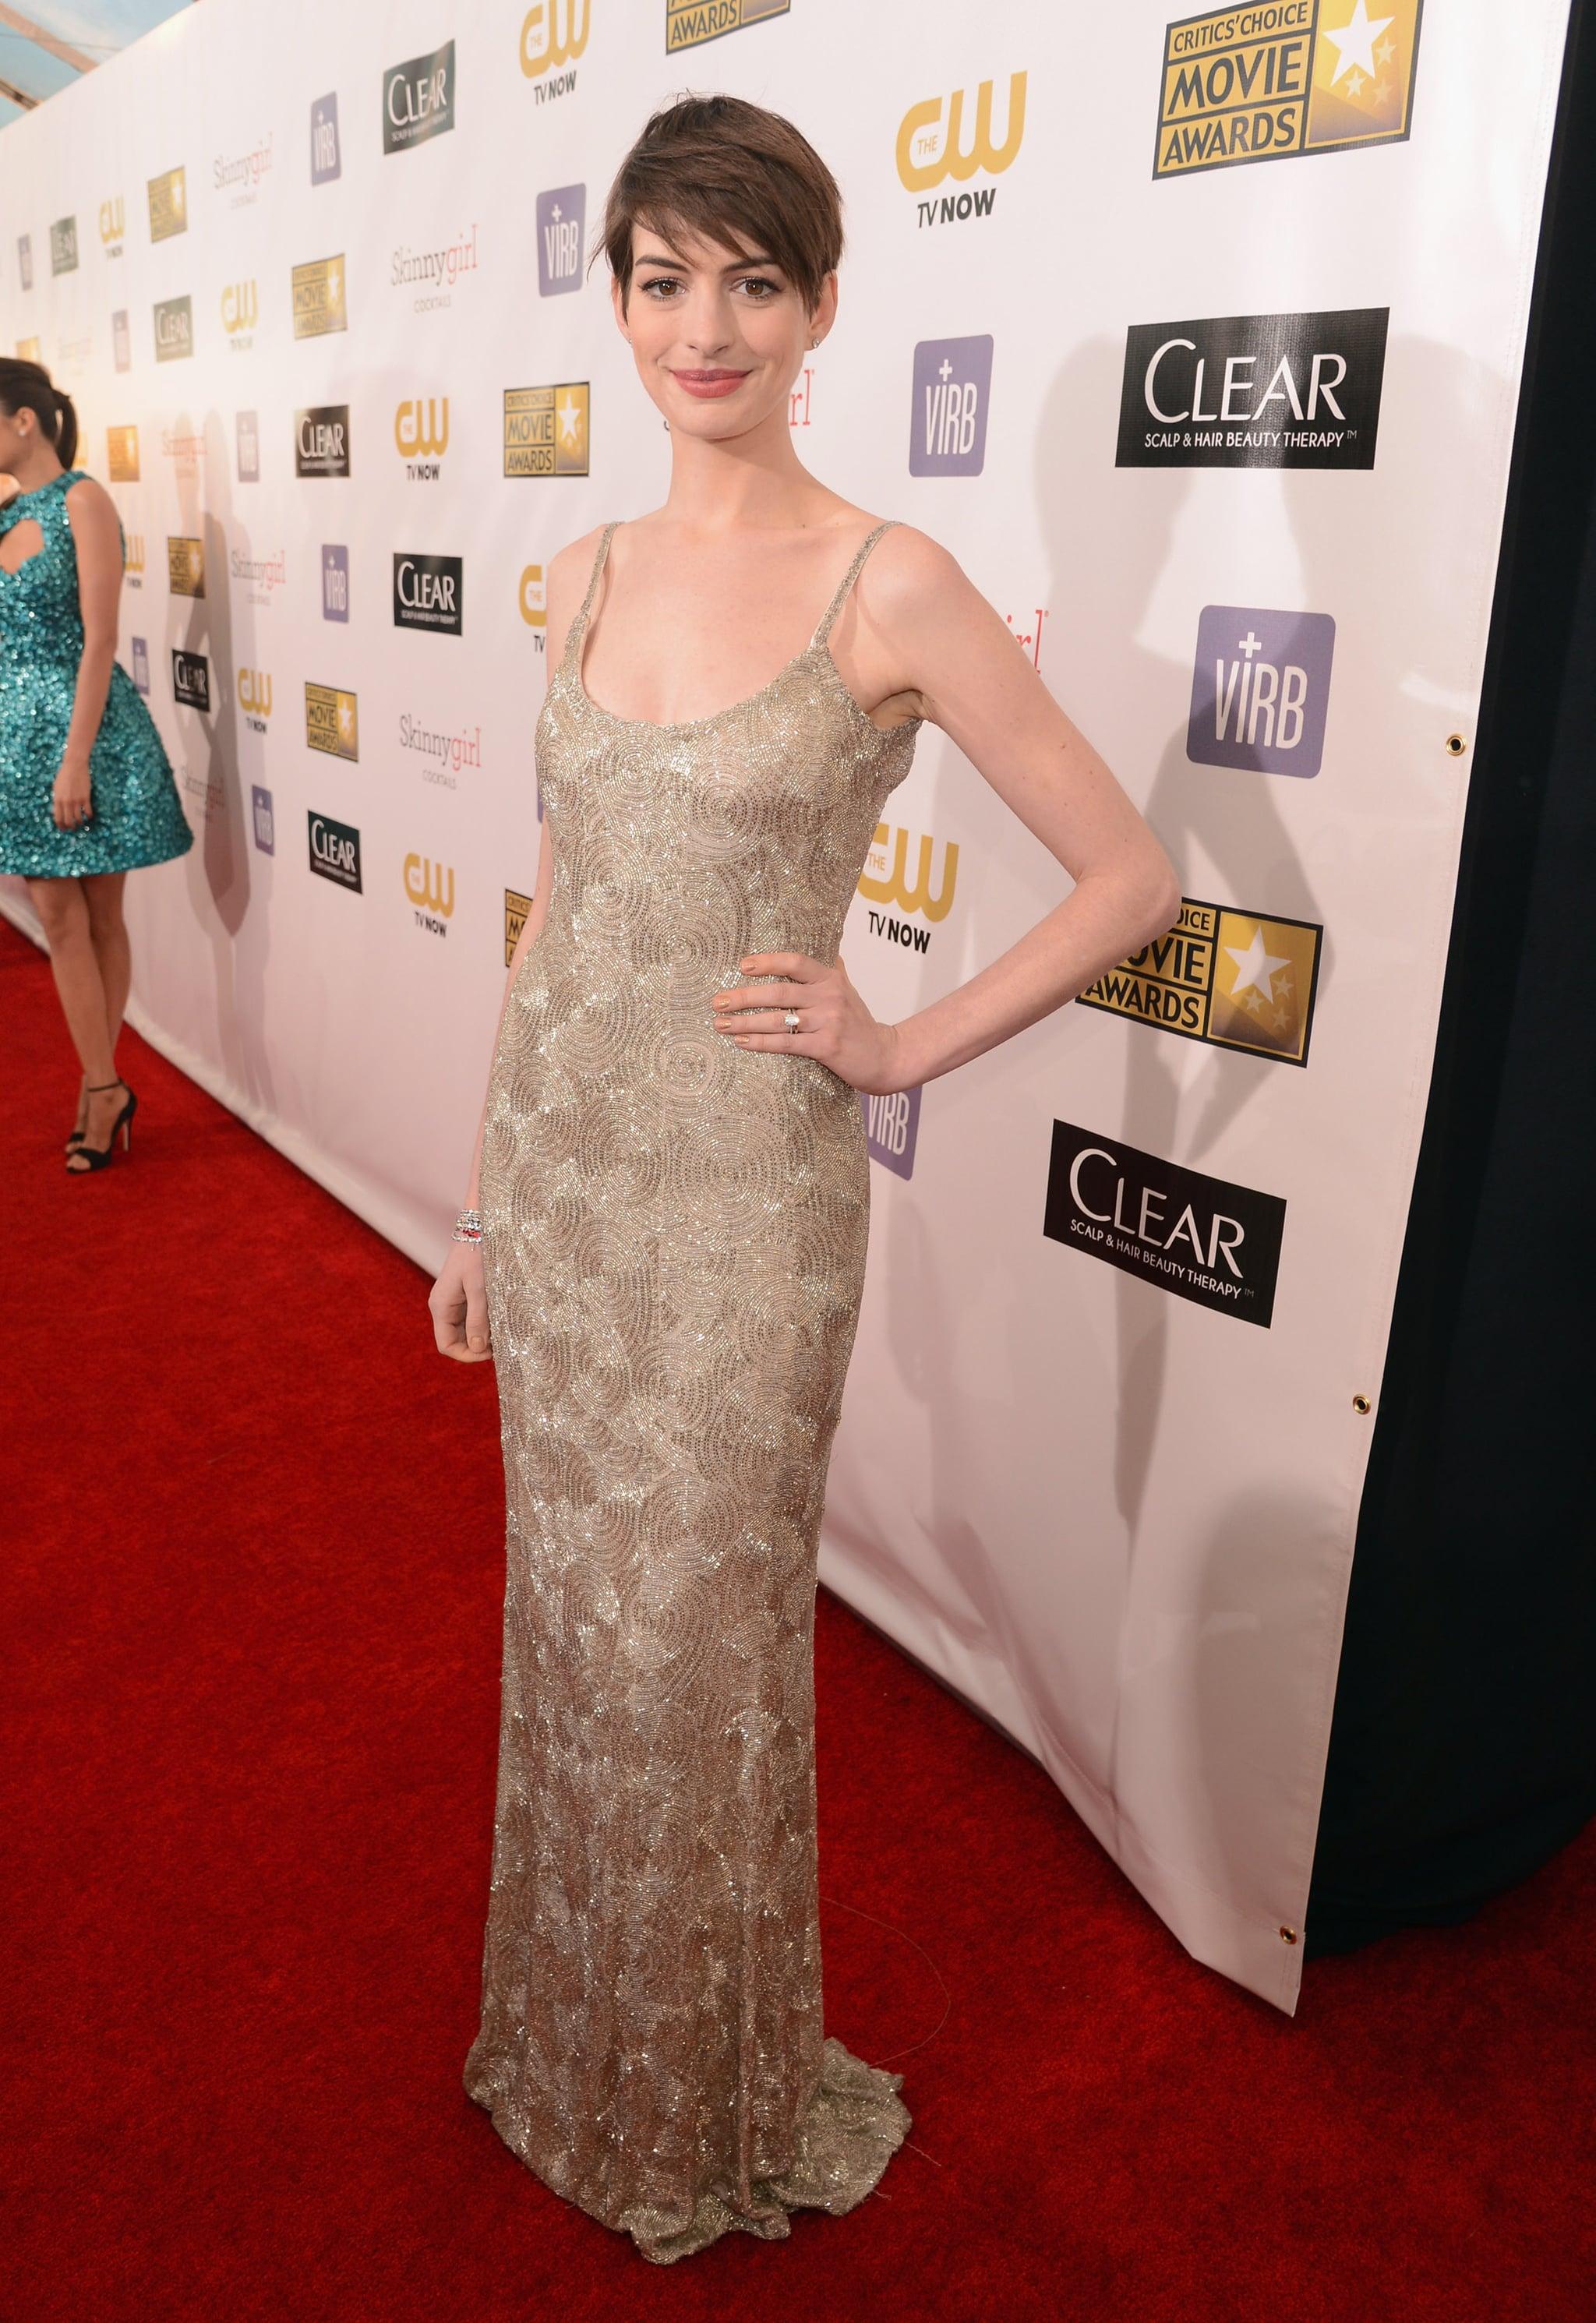 Anne Hathaway: Presenter